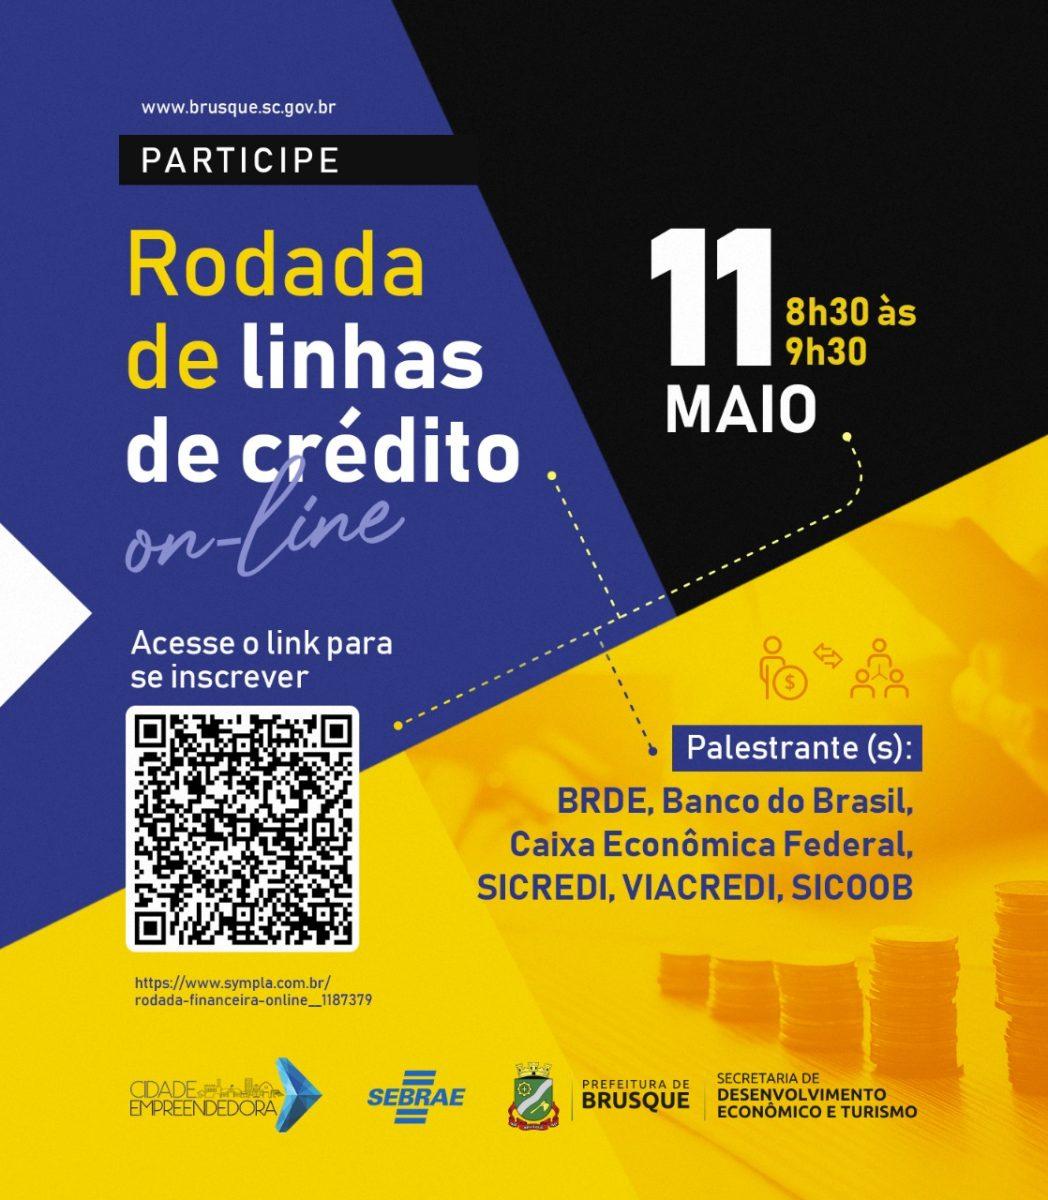 Prefeitura de Brusque e Sebrae promovem Rodada Financeira Online